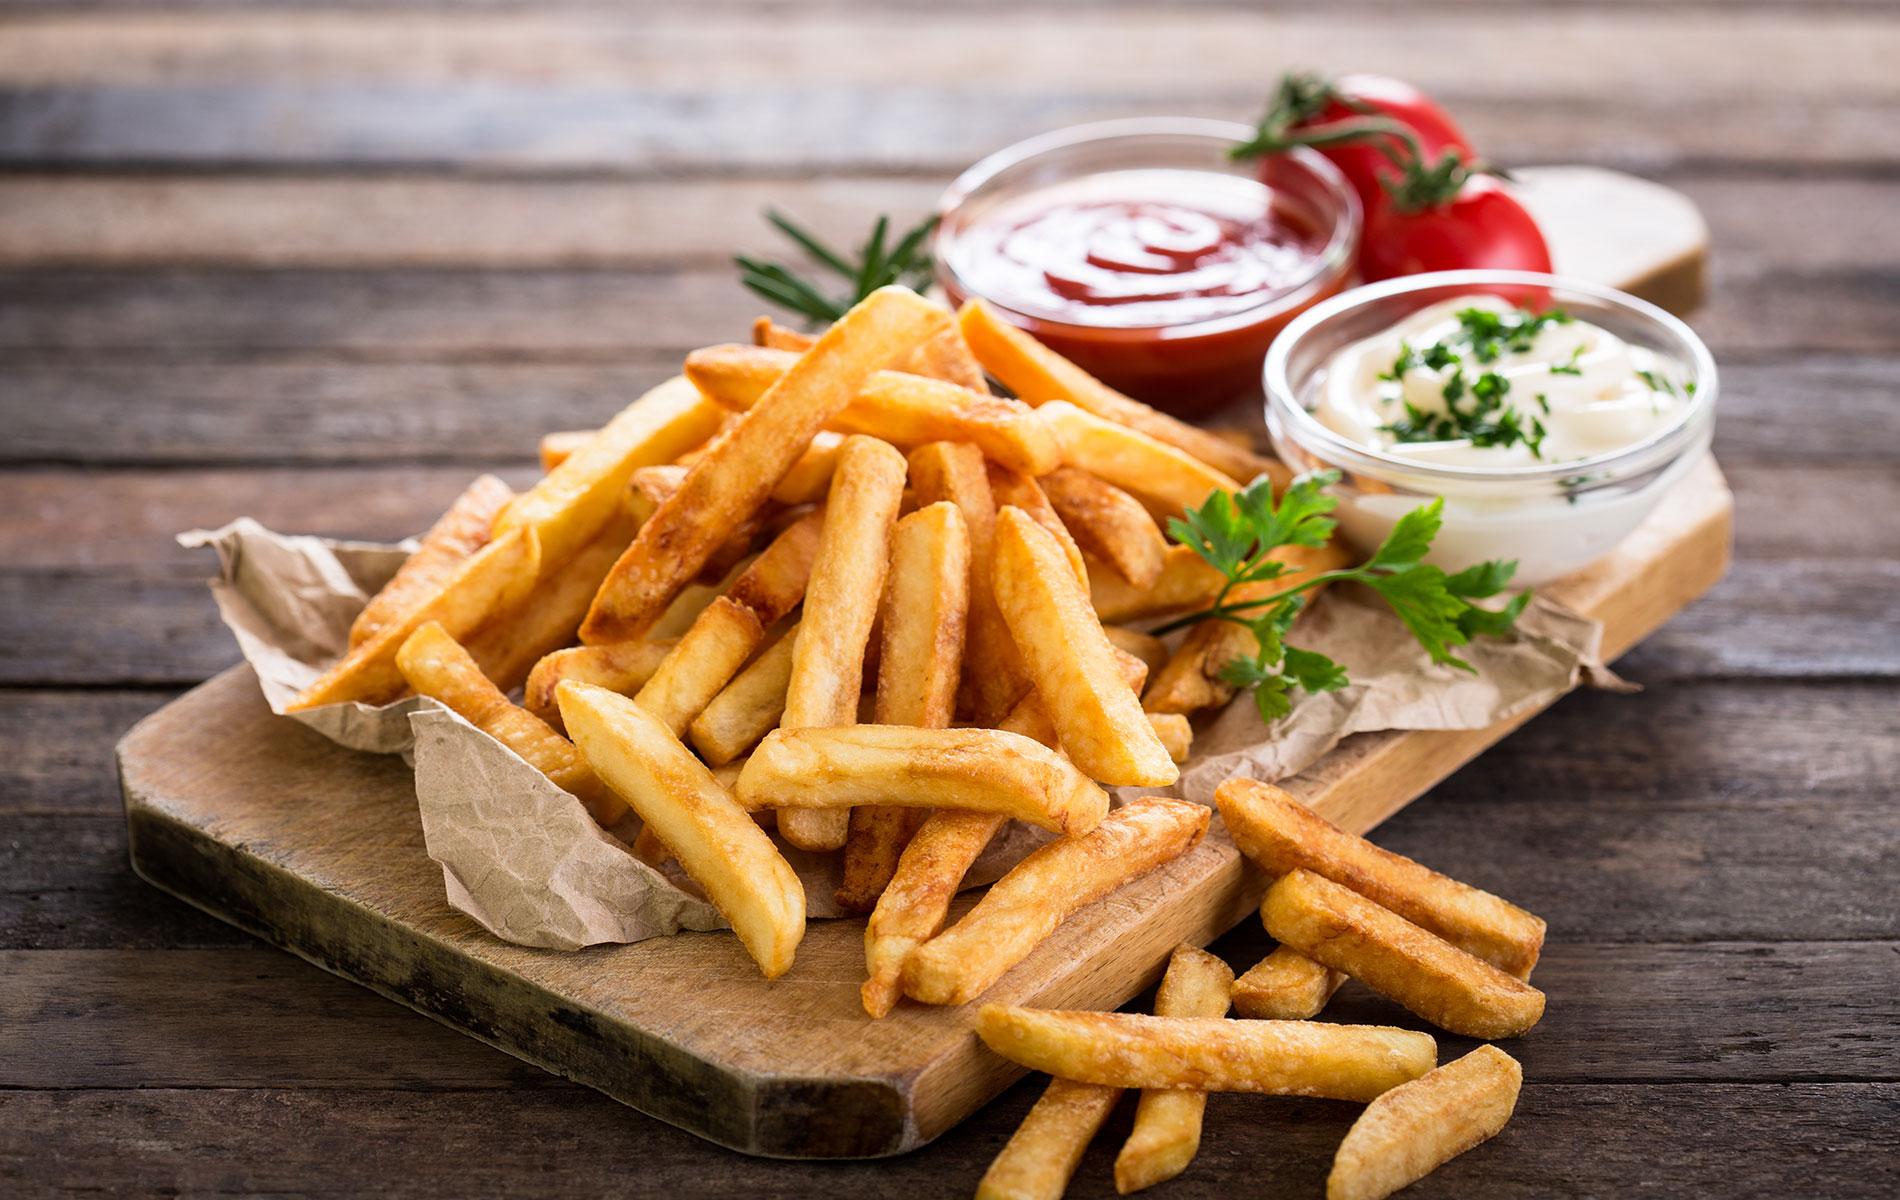 Sword-surgelati-come-cuocere-le-patatine-fritte